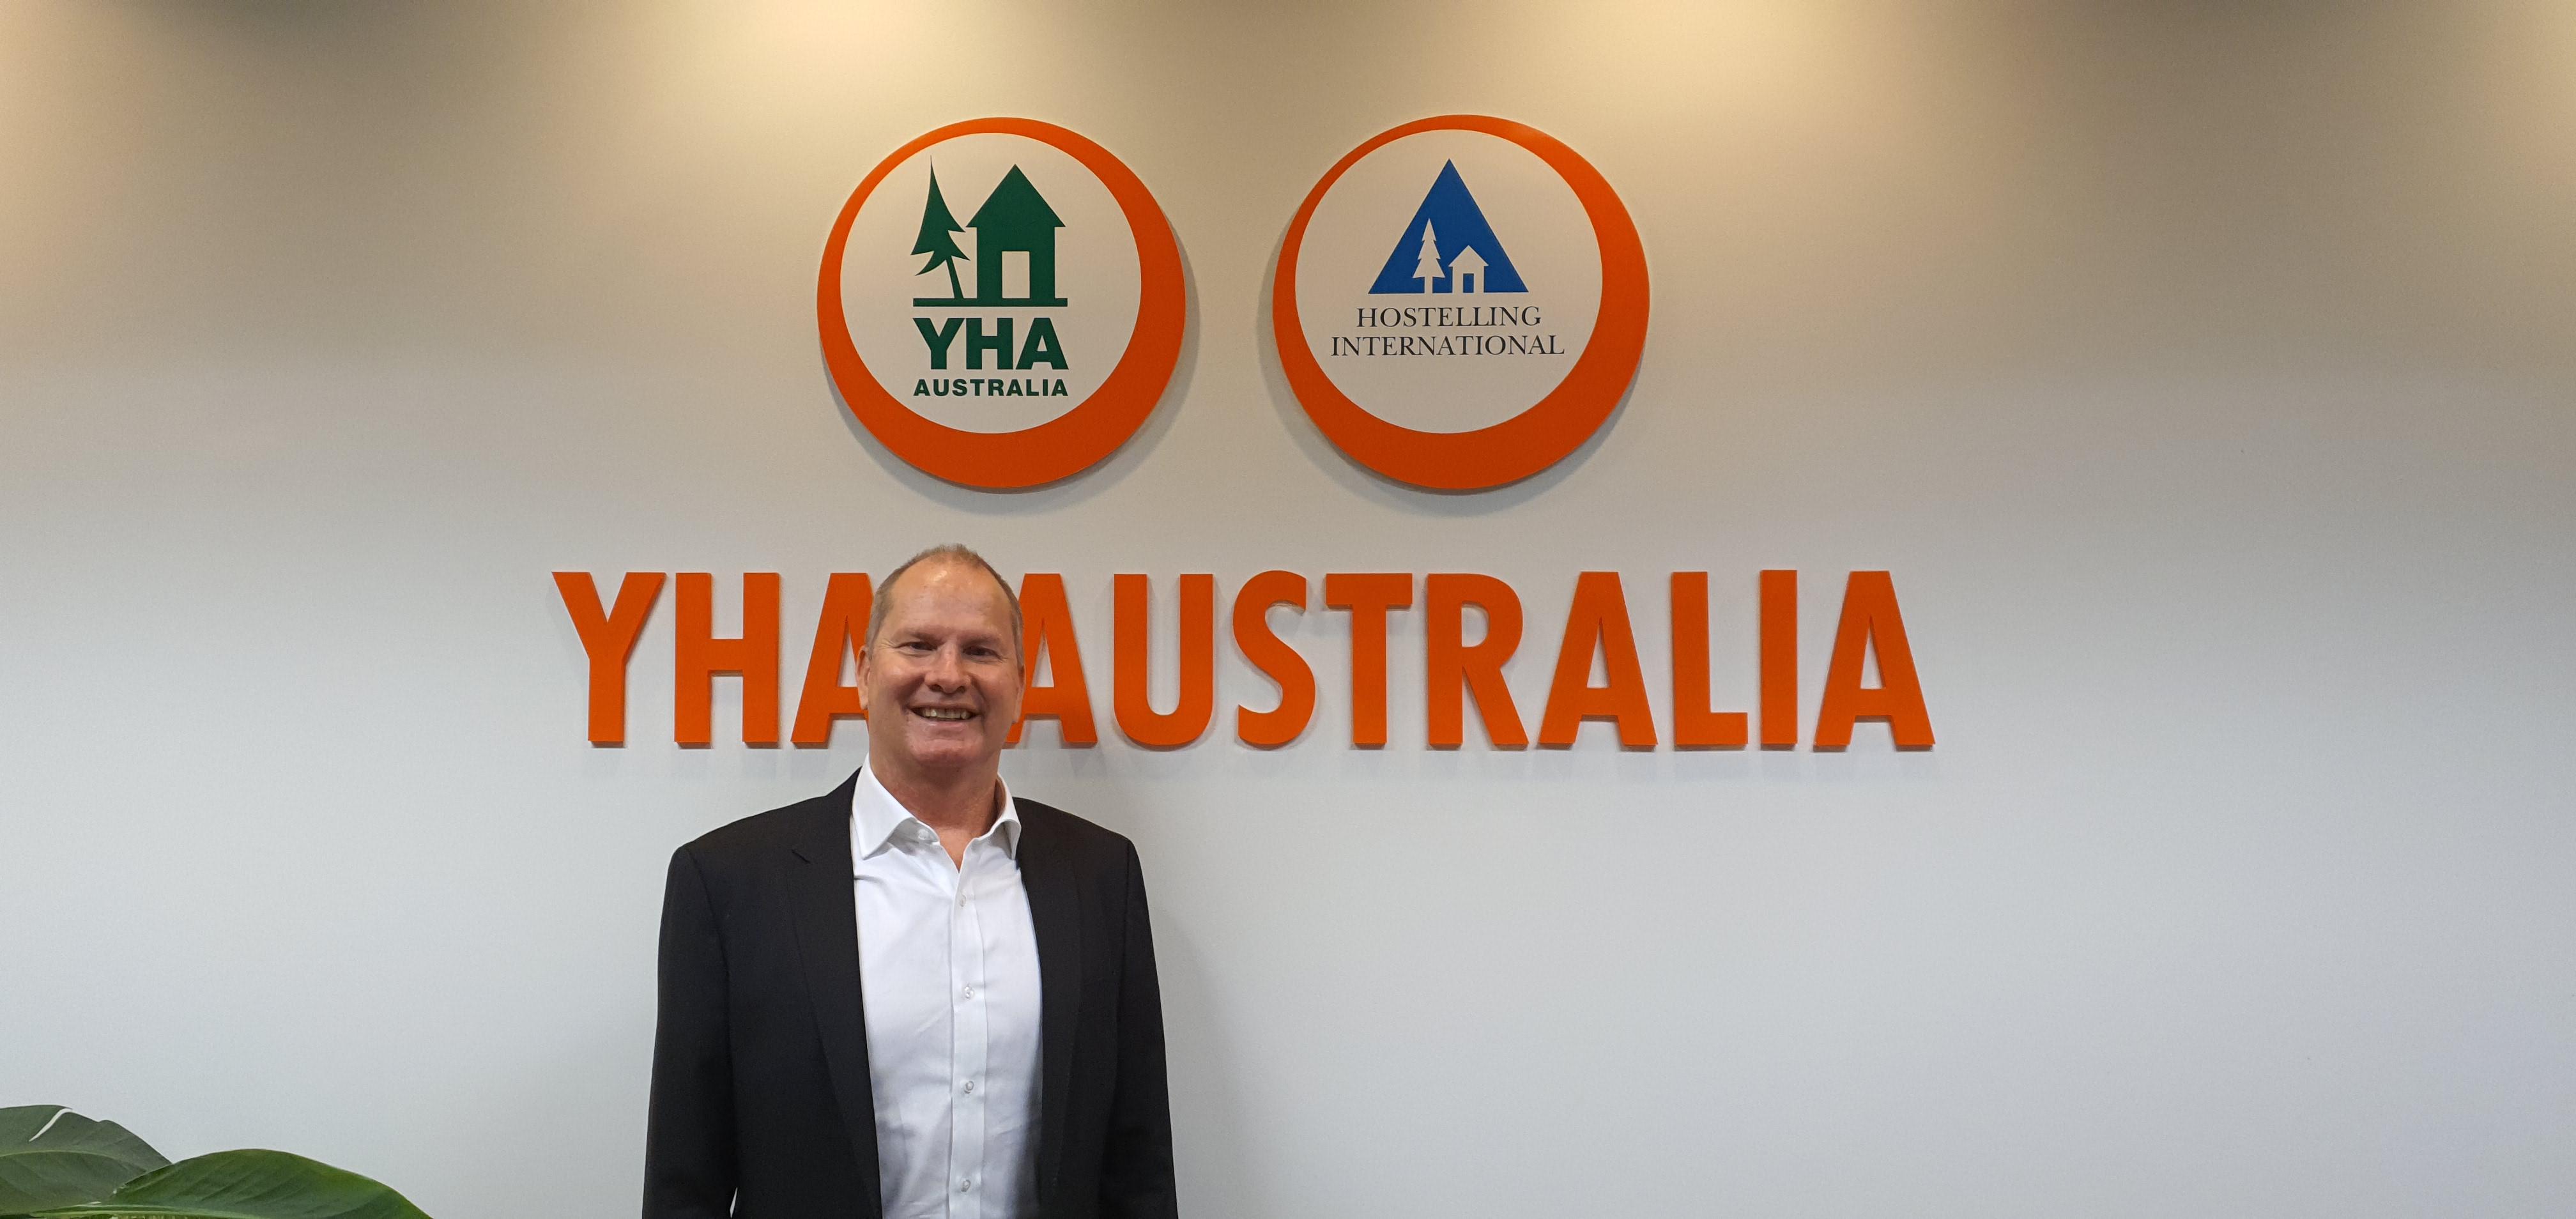 Paul McGrath CEO YHA Australia